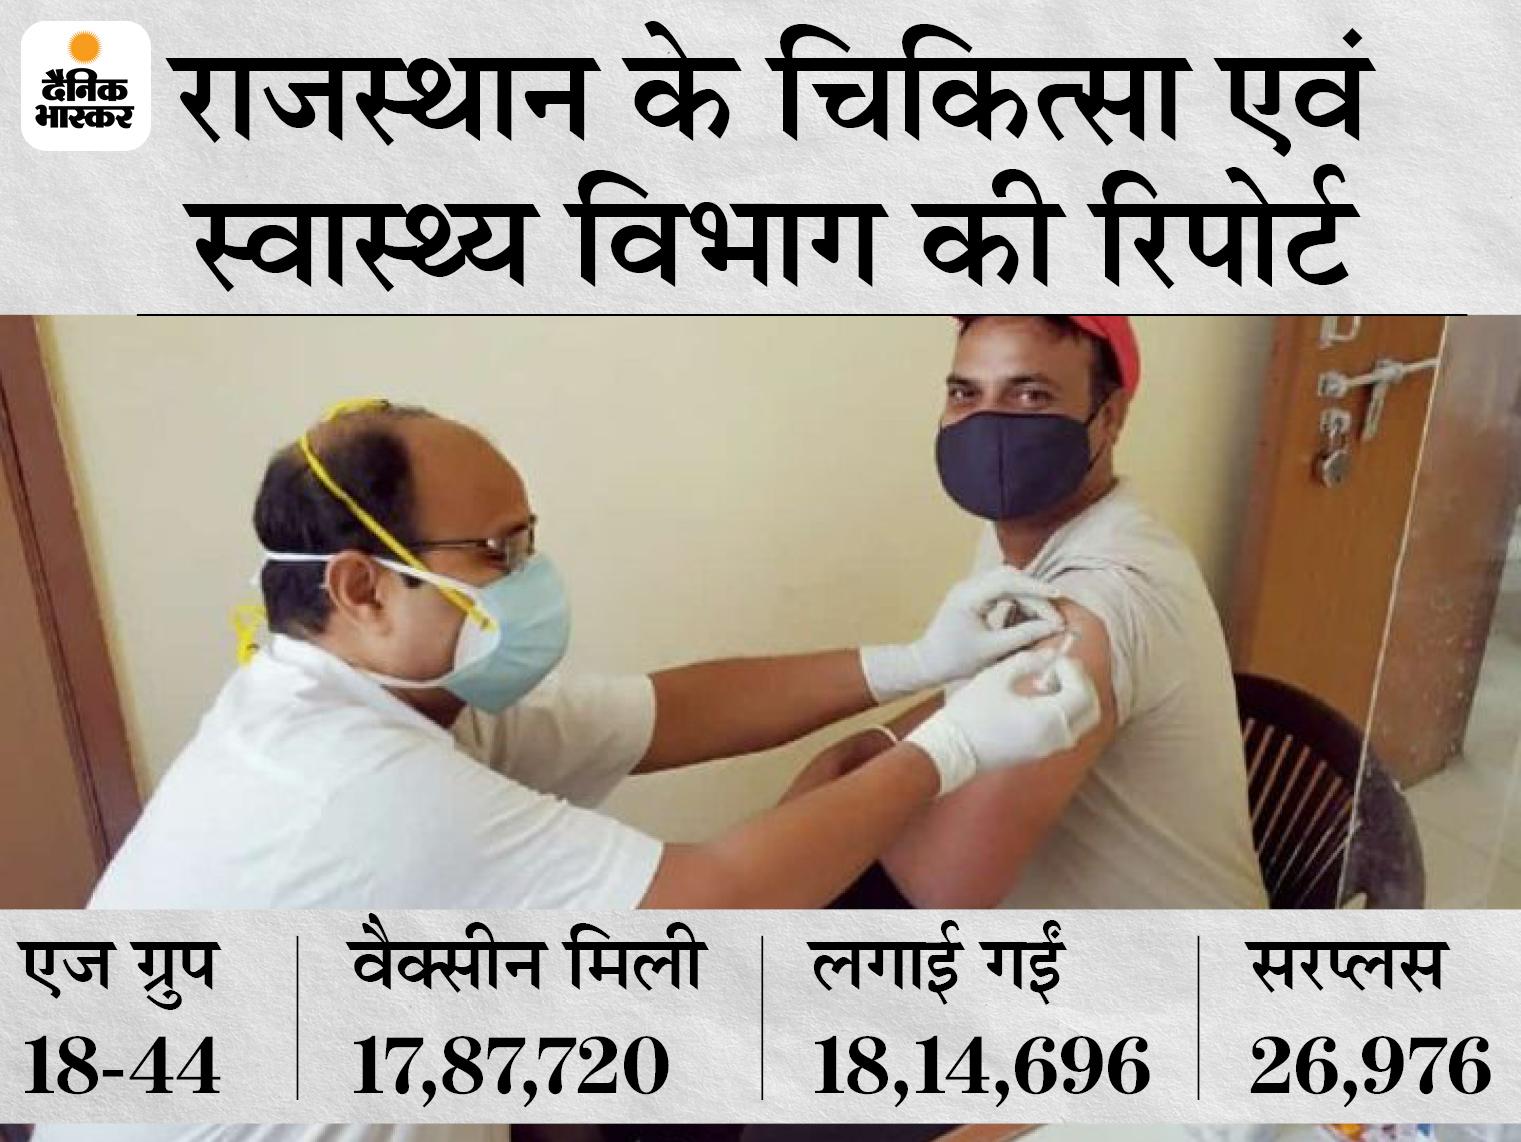 जयपुर समेत 12 जिलों में चुनिंदा साइट्स पर ही वैक्सीनेशन, 45+ एजग्रुप के लिए आई वैक्सीन से लगा रहे है डोज|जयपुर,Jaipur - Dainik Bhaskar